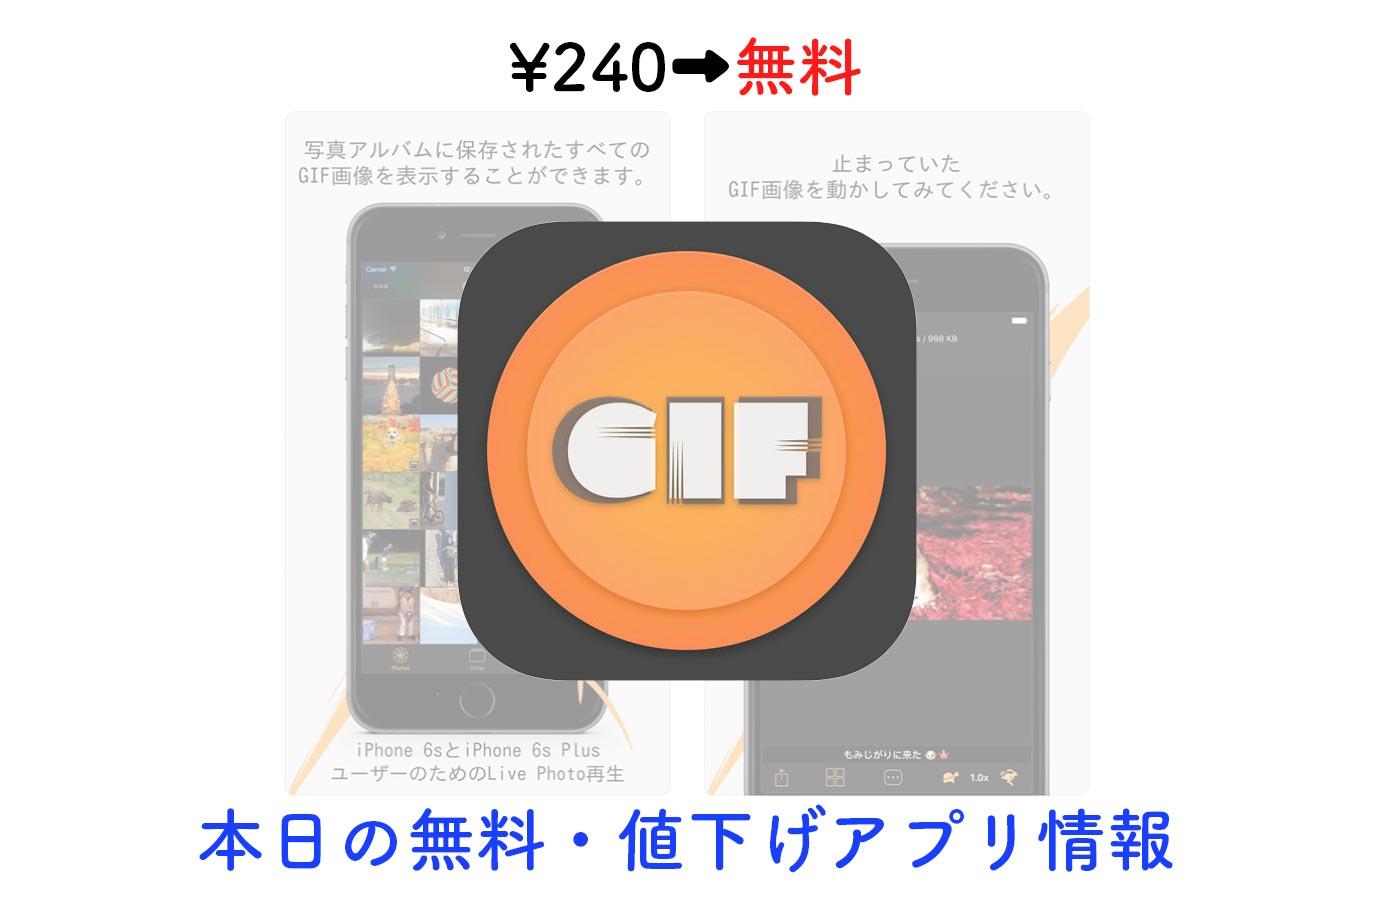 ¥240→無料、写真アプリの中にあるGIF画像を再生できる「Giflay」など【2/27】本日の無料・値下げアプリ情報